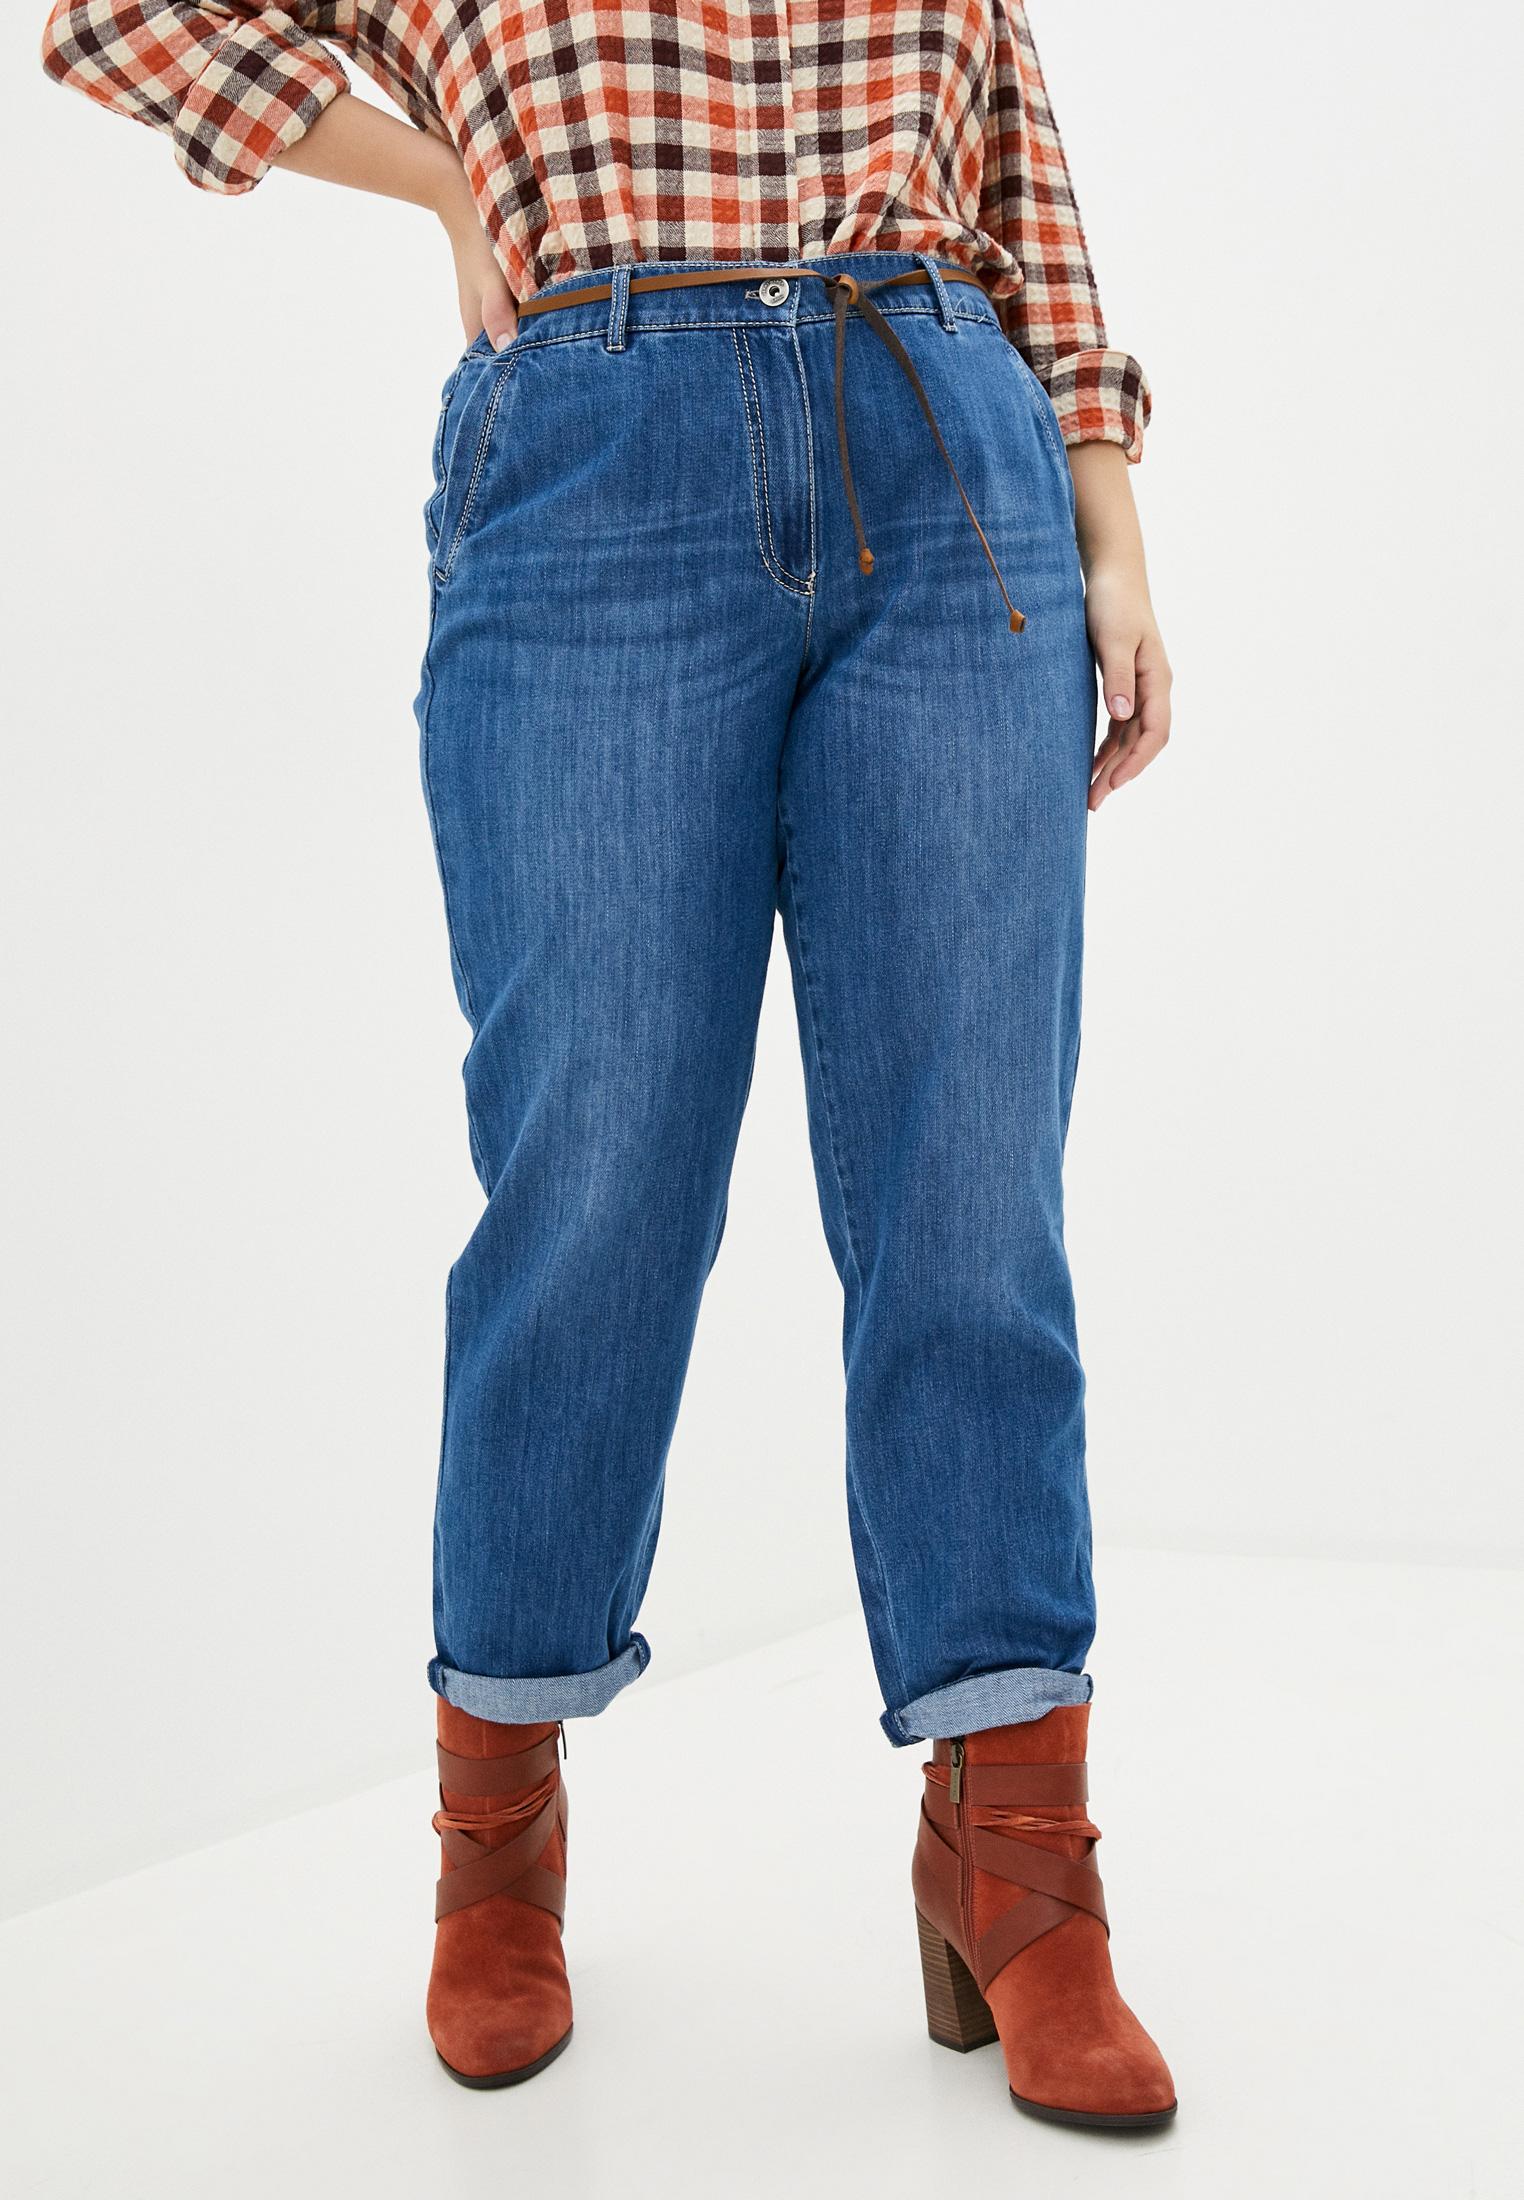 Зауженные джинсы Gerry Weber (Гарри Вебер) 922175-67917